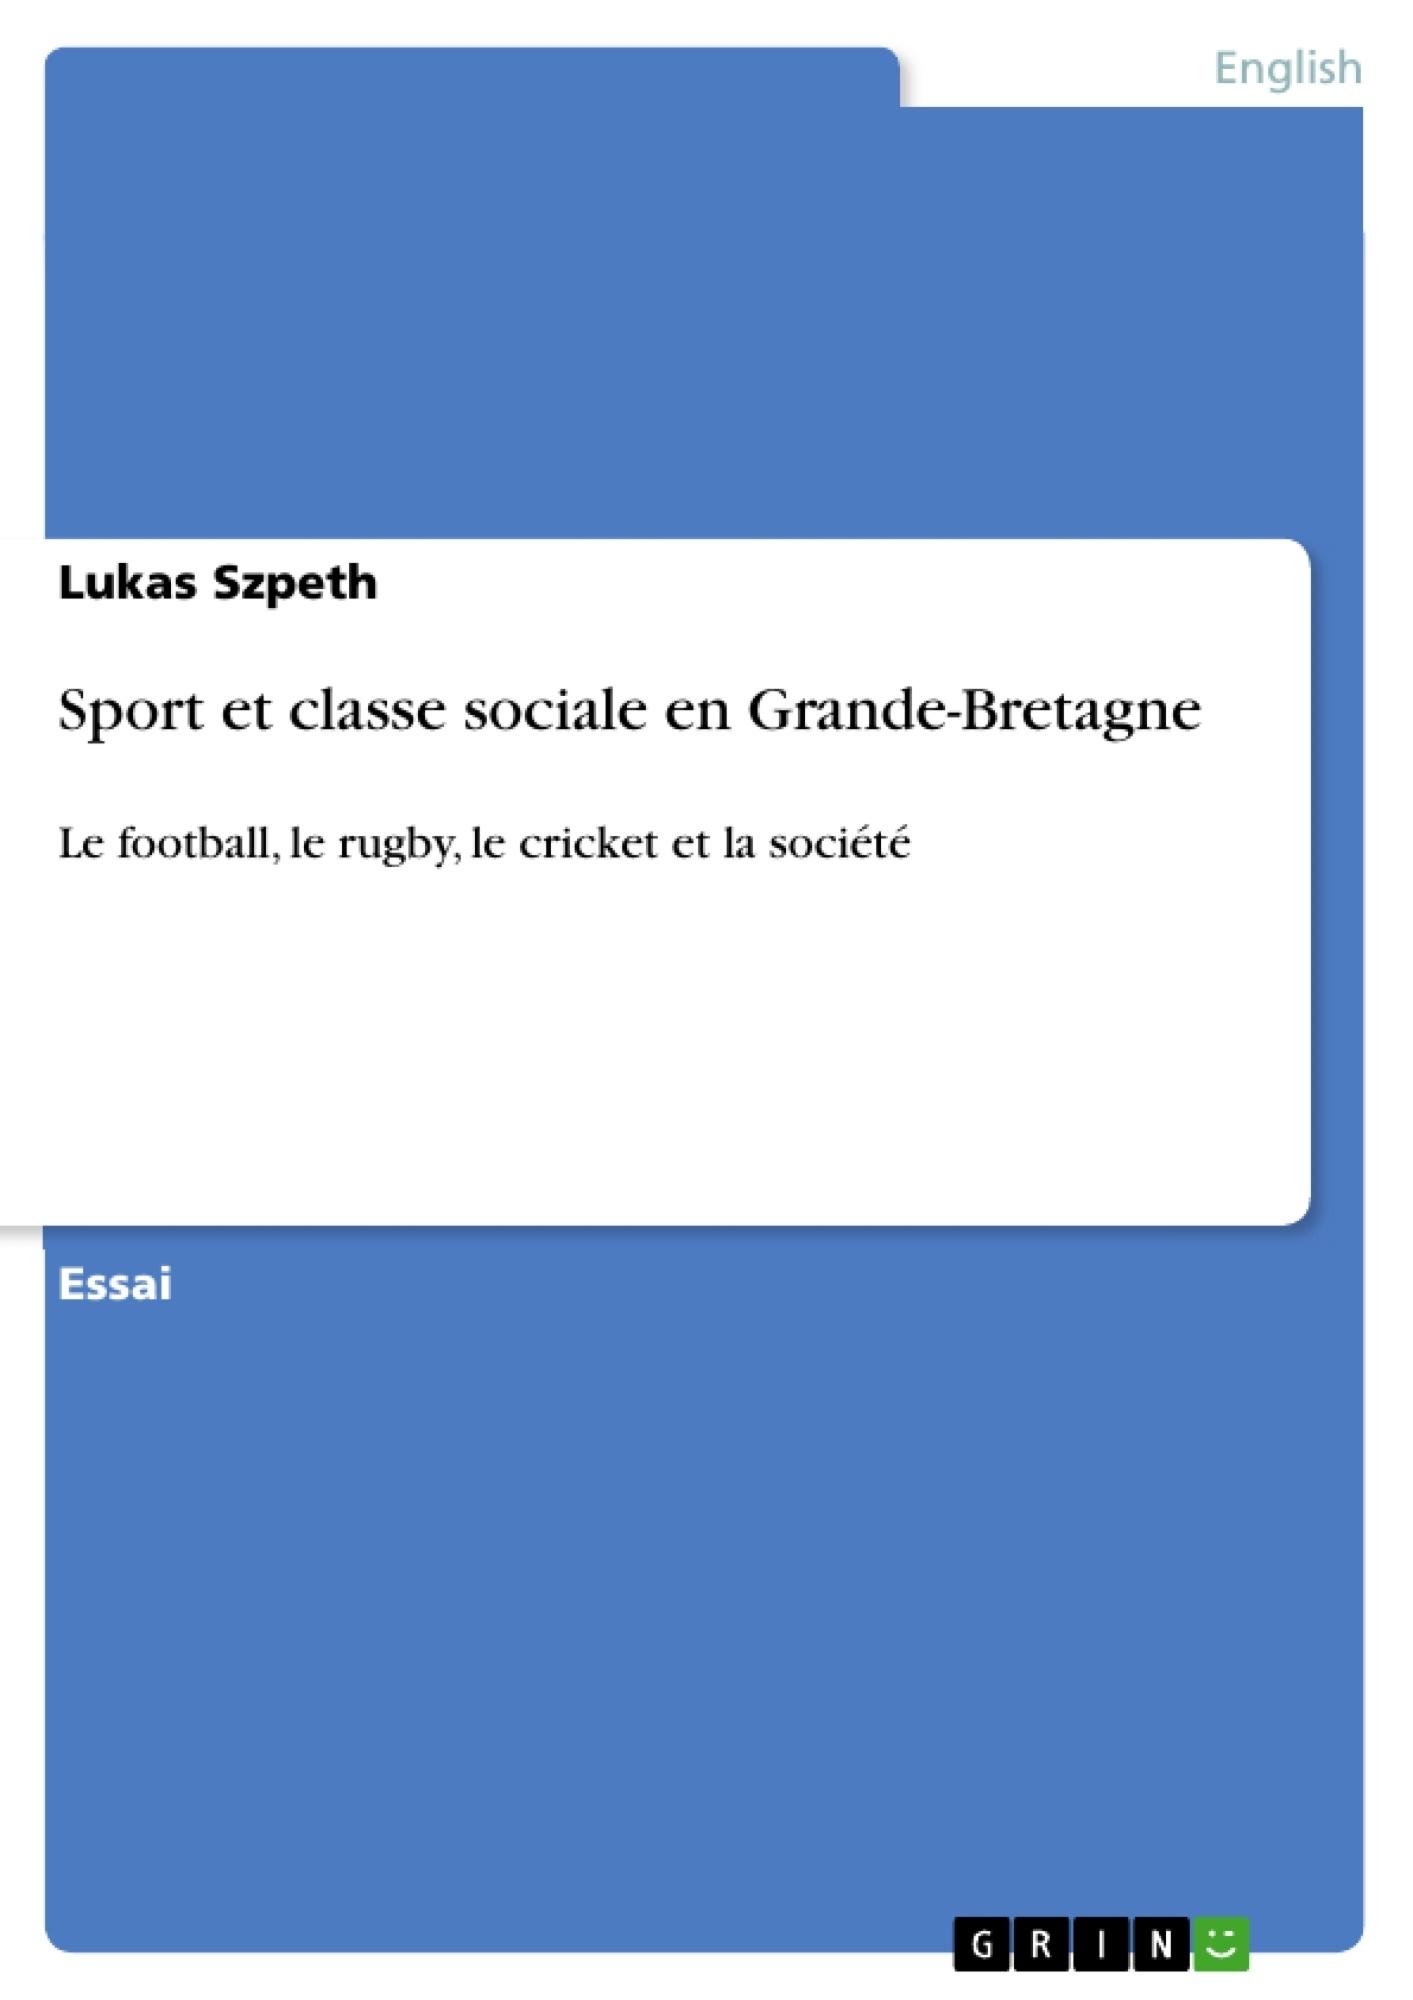 Titre: Sport et classe sociale en Grande-Bretagne